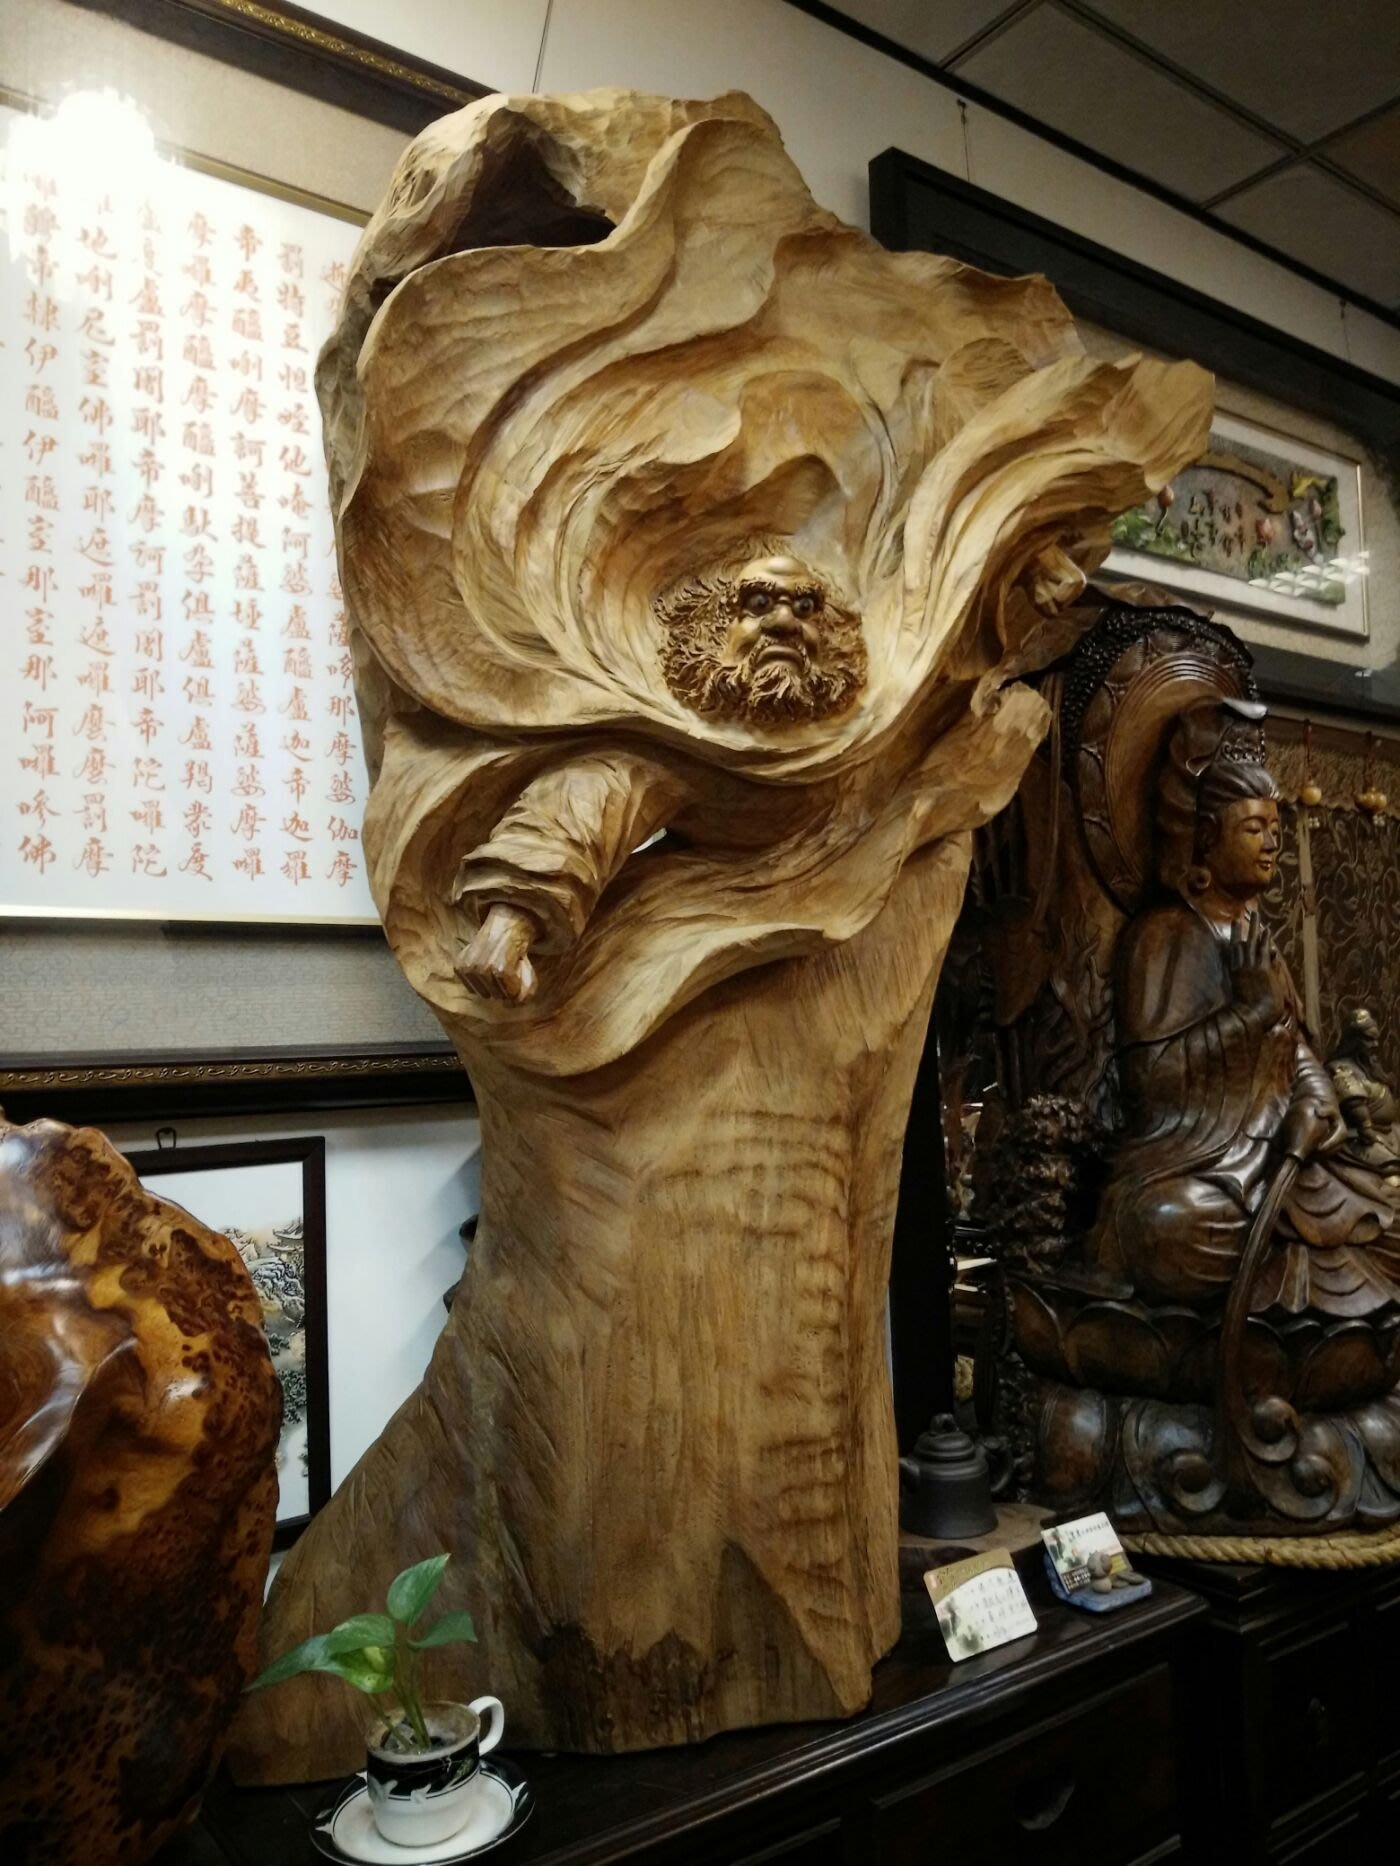 [台南寶麗古典傢俱藝品館]~(法力無邊)達摩智慧圓滿象徵~木雕大師黃明宗有落款~天然頂級台灣黃檜倒格帶皮山材~味道很香